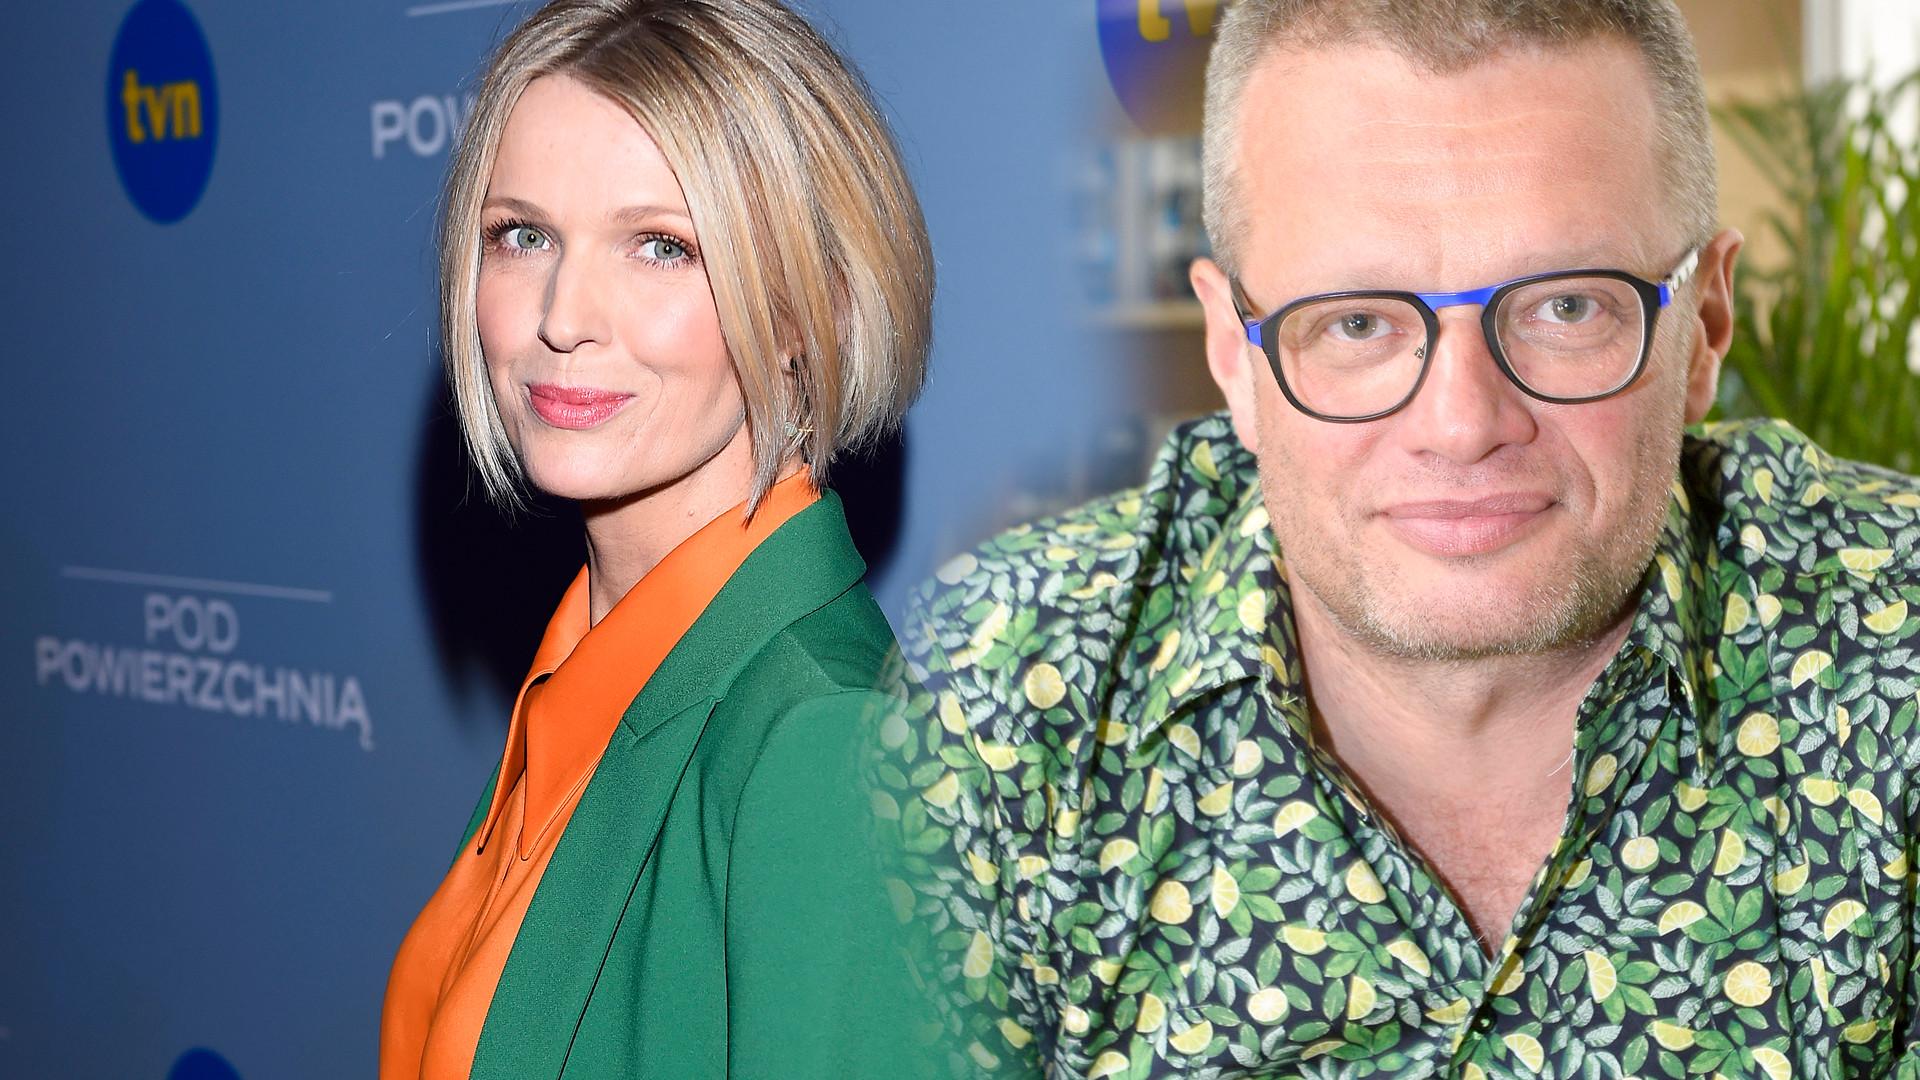 Magda Mołek i Marcin Meller OFICJALNIE pożegnali TVN. Wydali oświadczenia